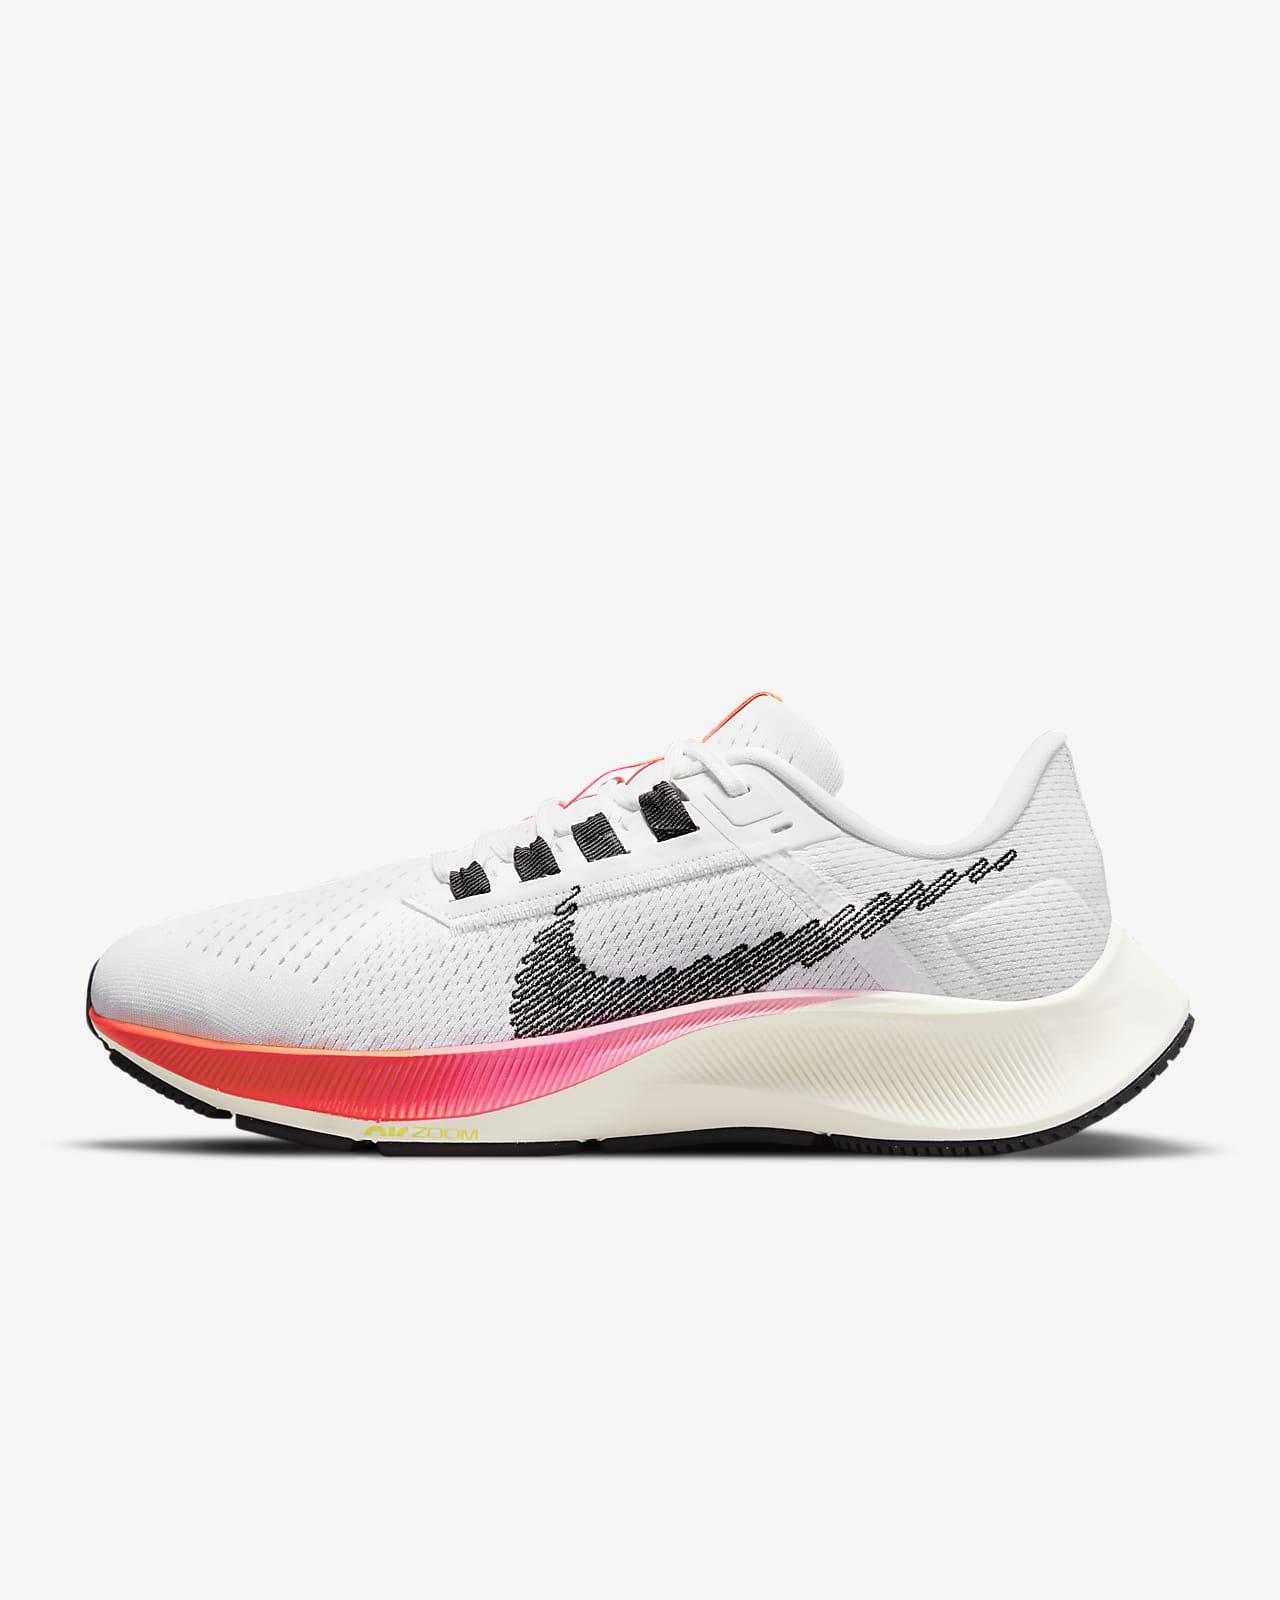 Löparsko för väg Nike Air Zoom Pegasus 38 för kvinnor